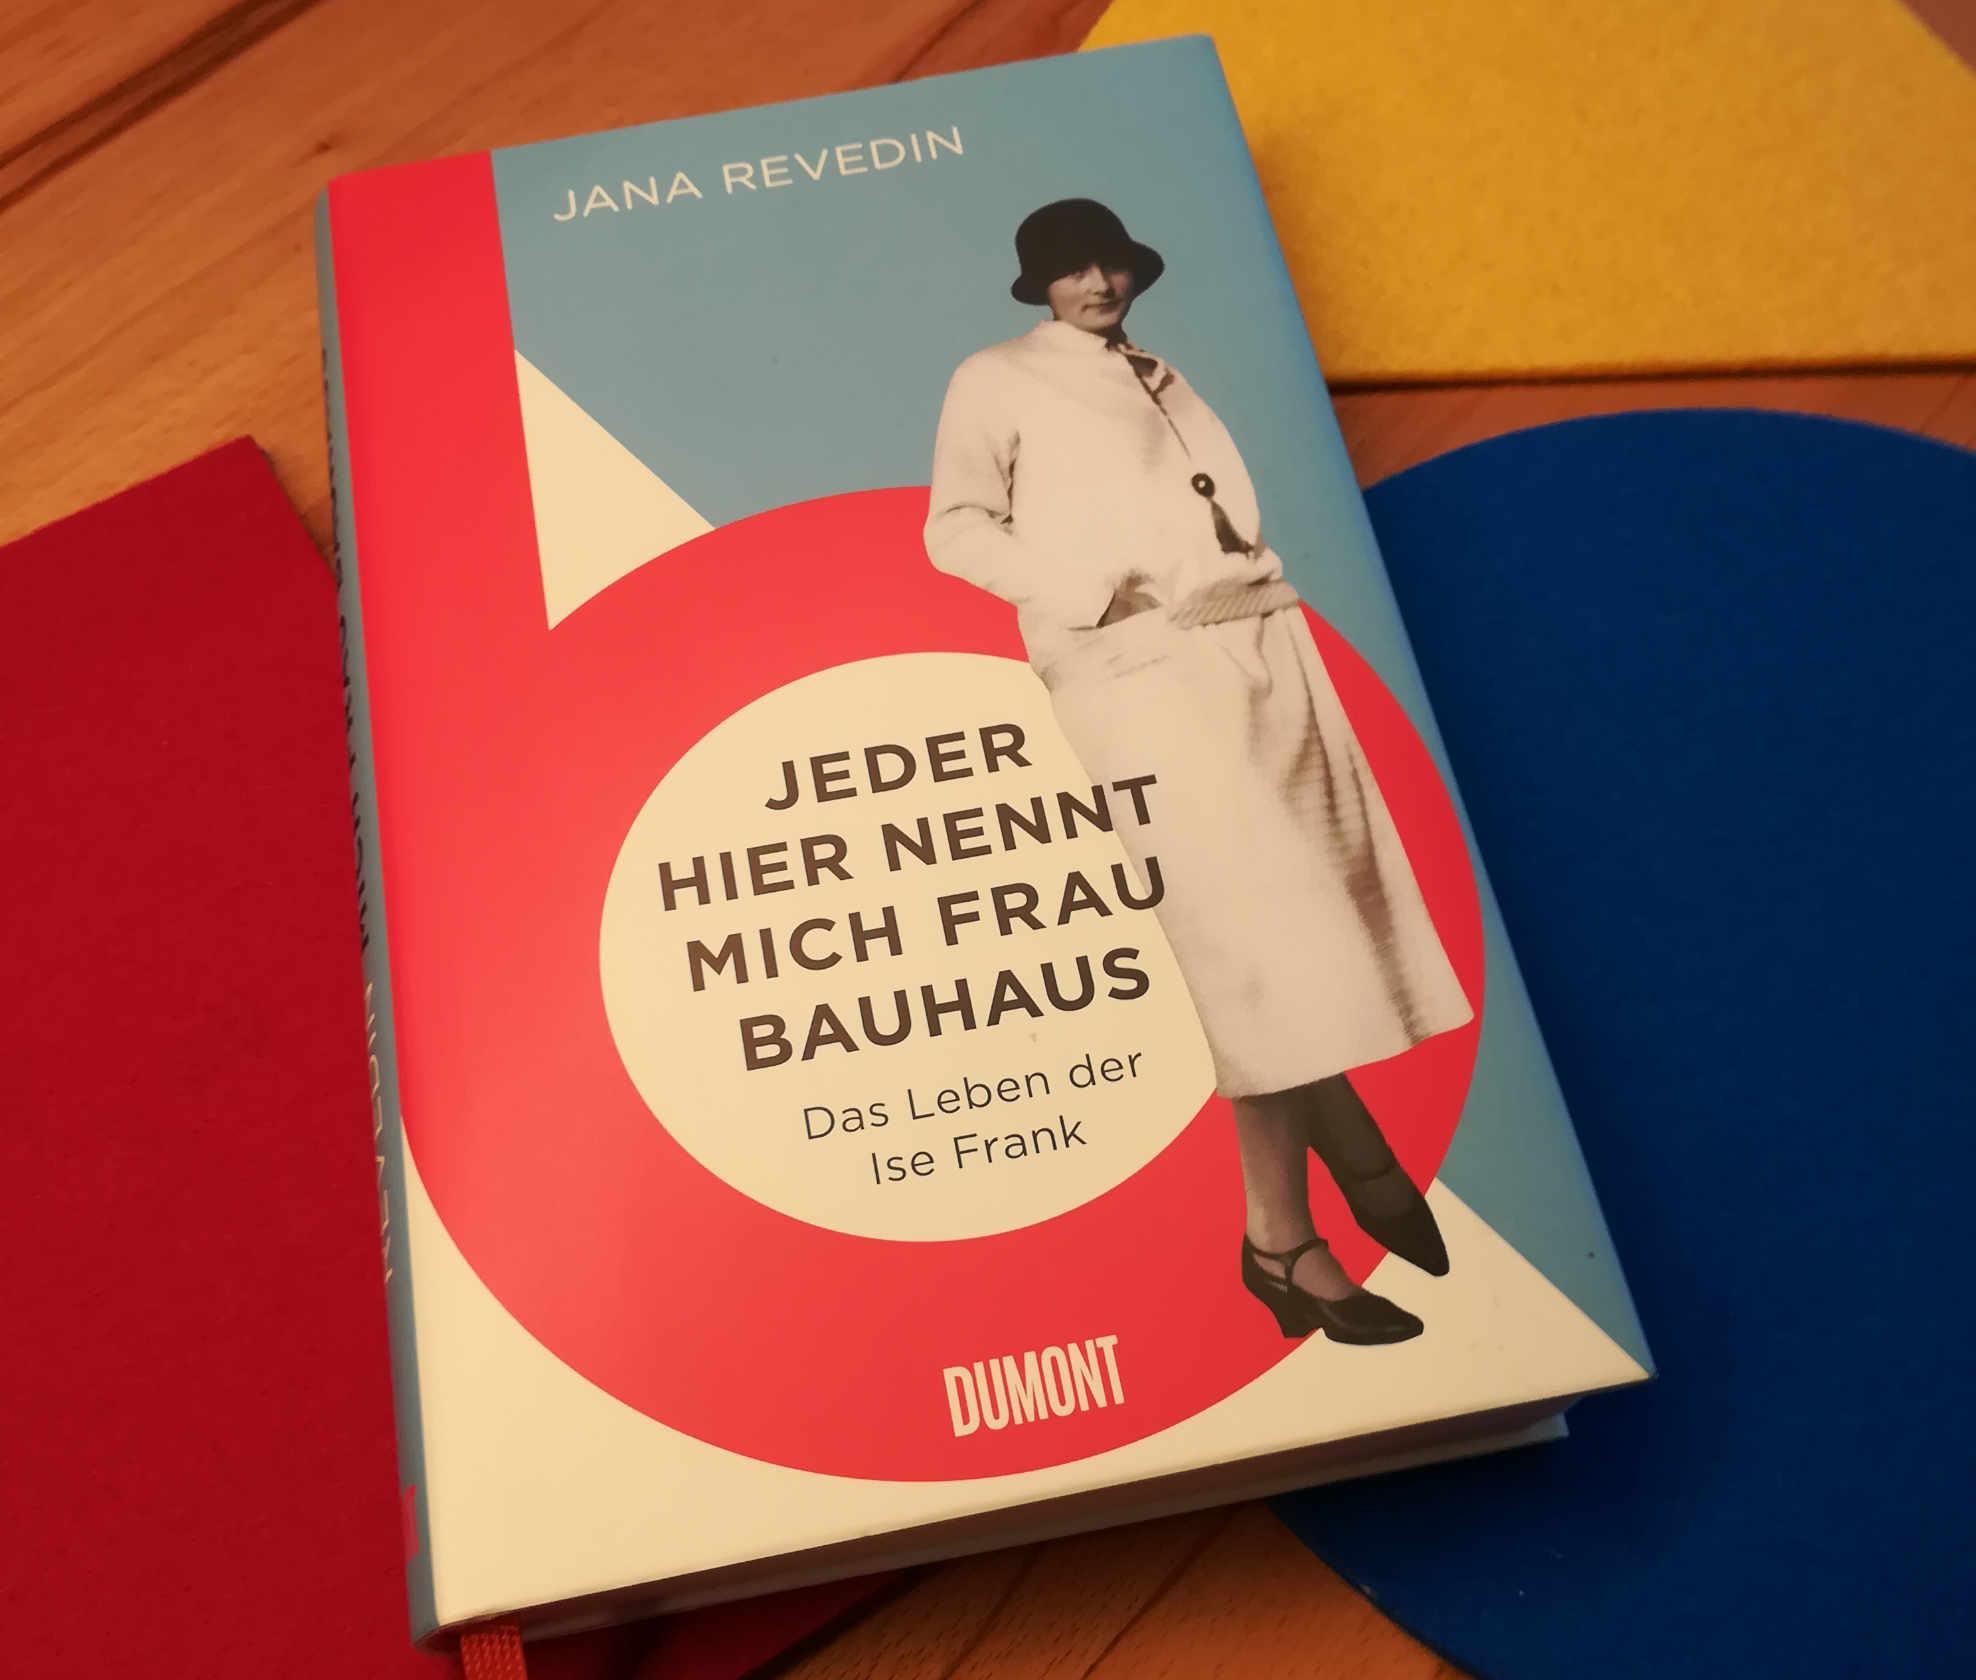 #artbookfriday | Jeder hier nennt mich Frau Bauhaus